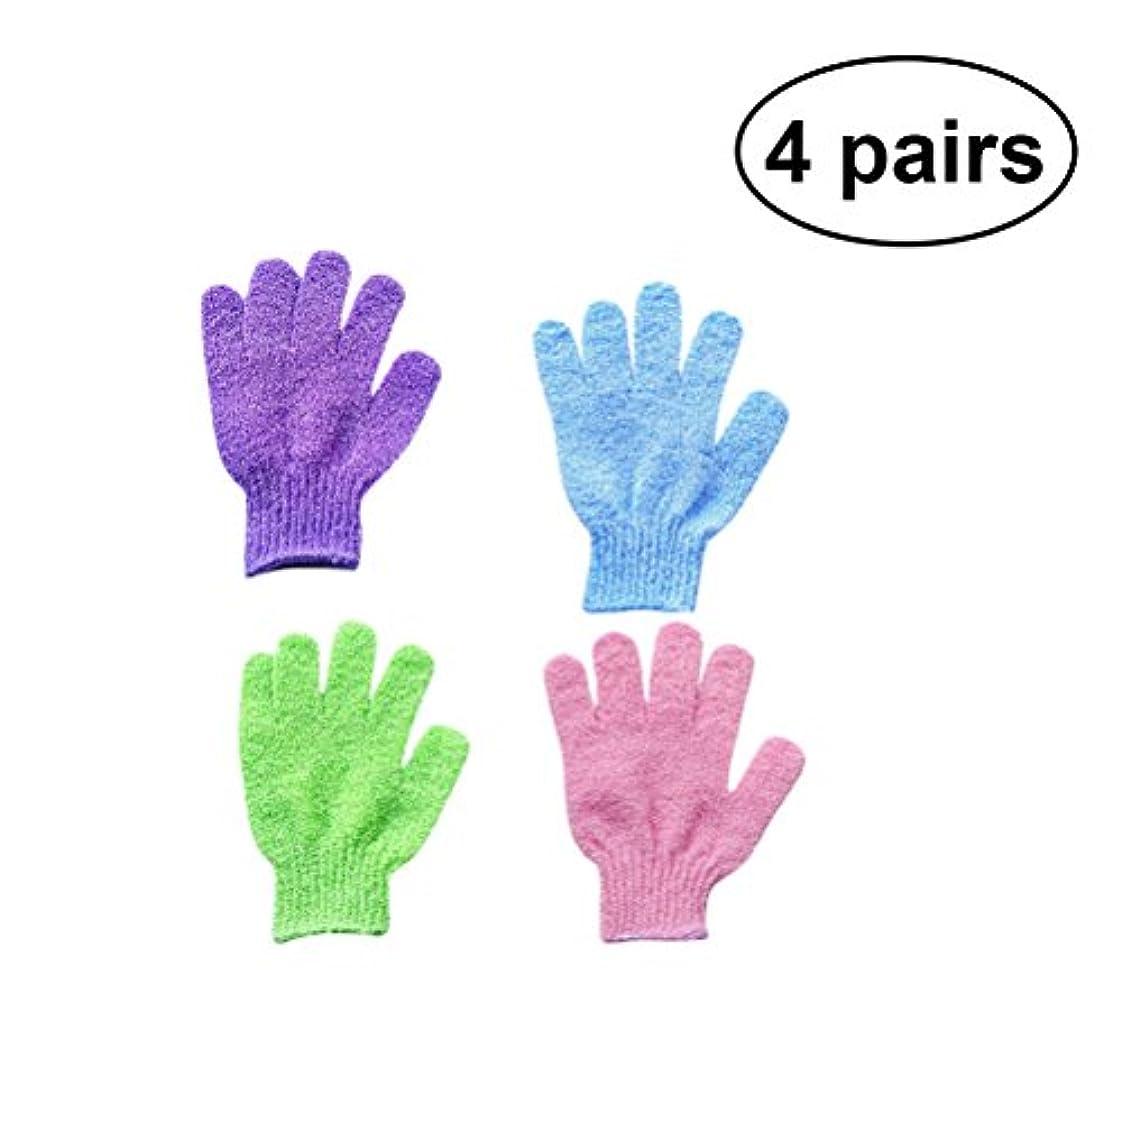 第五上げる待つHealifty 4 Pairs Exfoliating Bath Gloves Shower Mitts Exfoliating Body Spa Massage Dead Skin Cell Remover